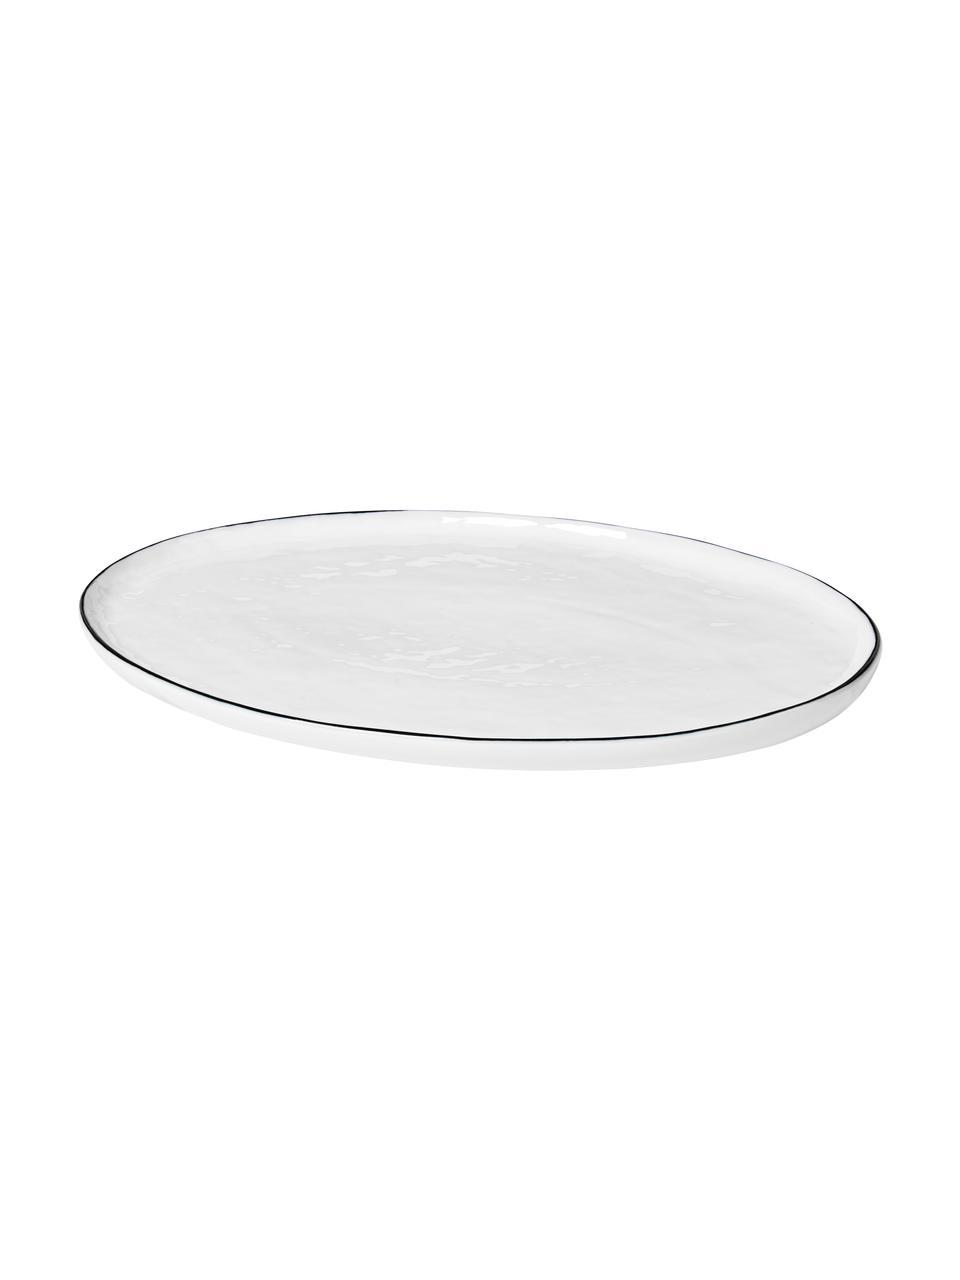 Handgemachte Servierplatte Salt mit schwarzem Rand, L 30 x B 20 cm, Porzellan, Gebrochenes Weiß, Schwarz, 20 x 30 cm